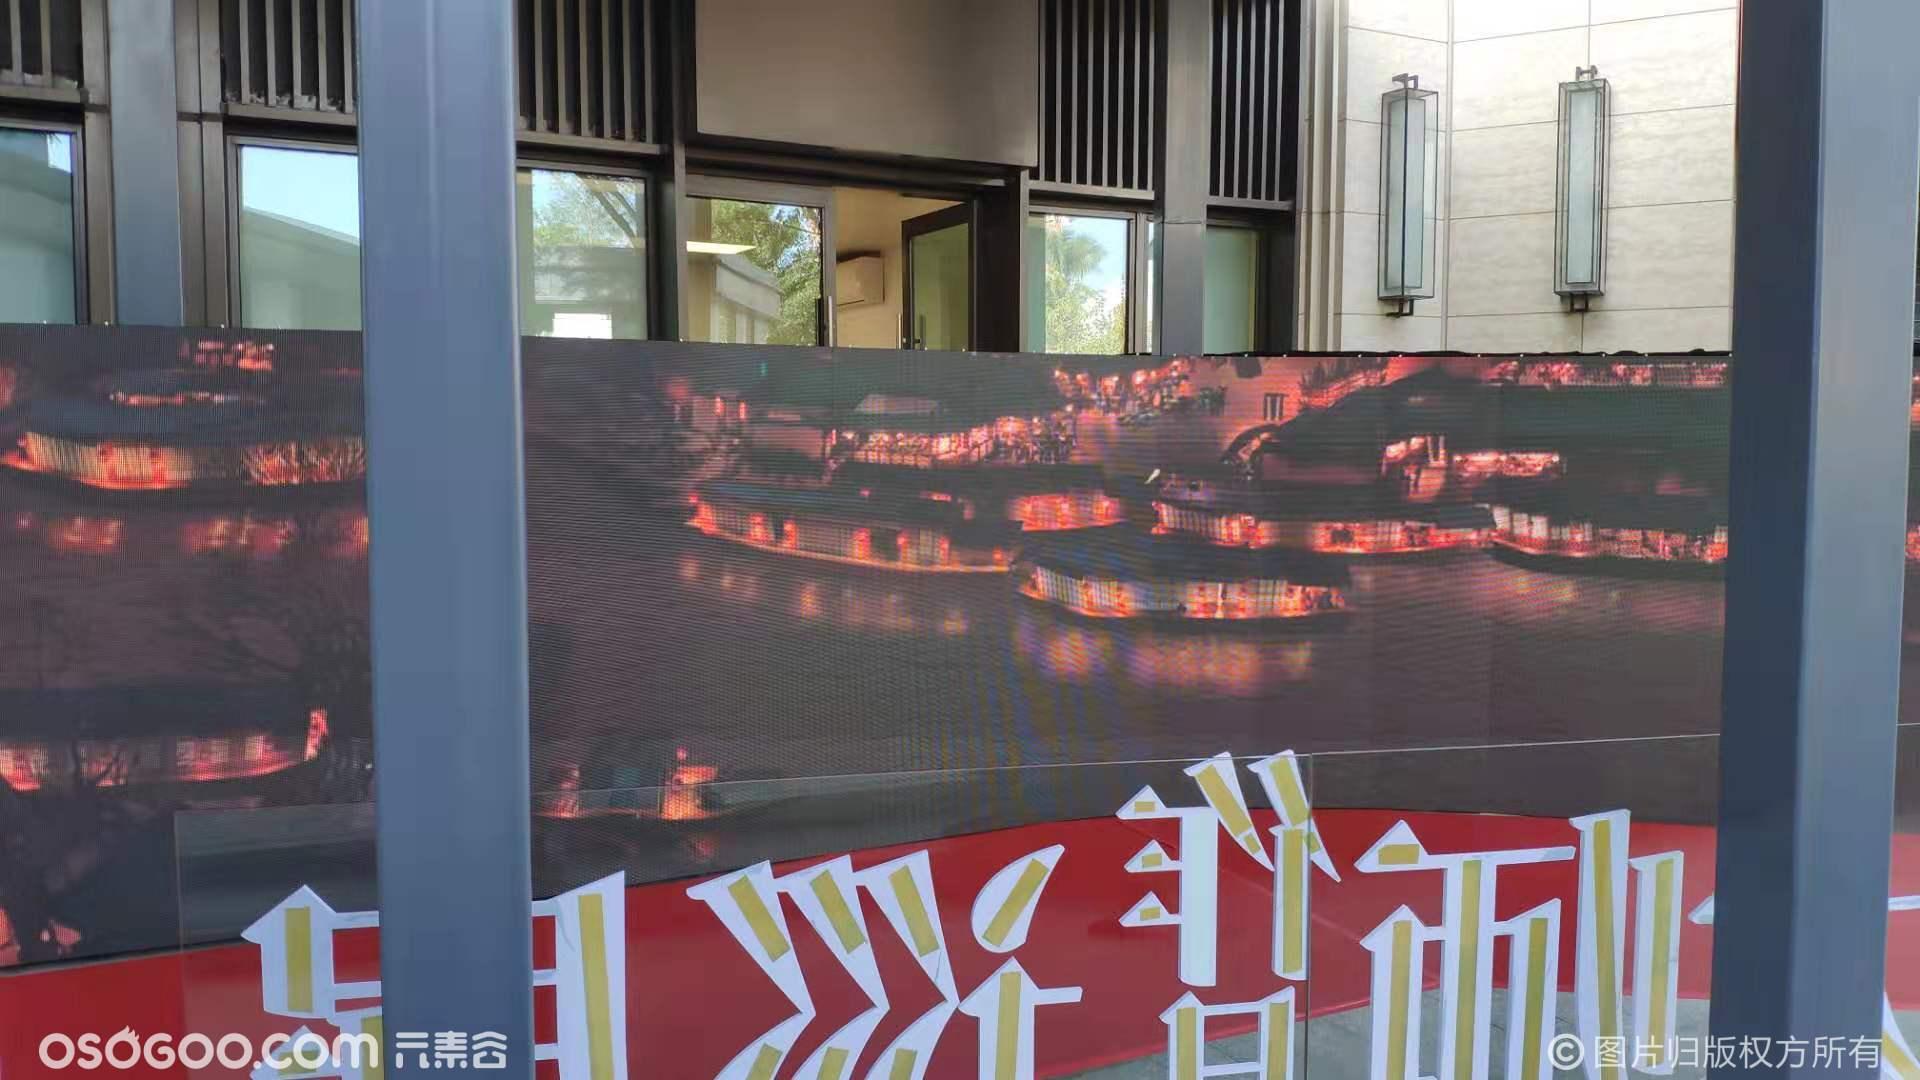 出租清明上河图世博会原版视频 3D动态版清明上河图视频资源